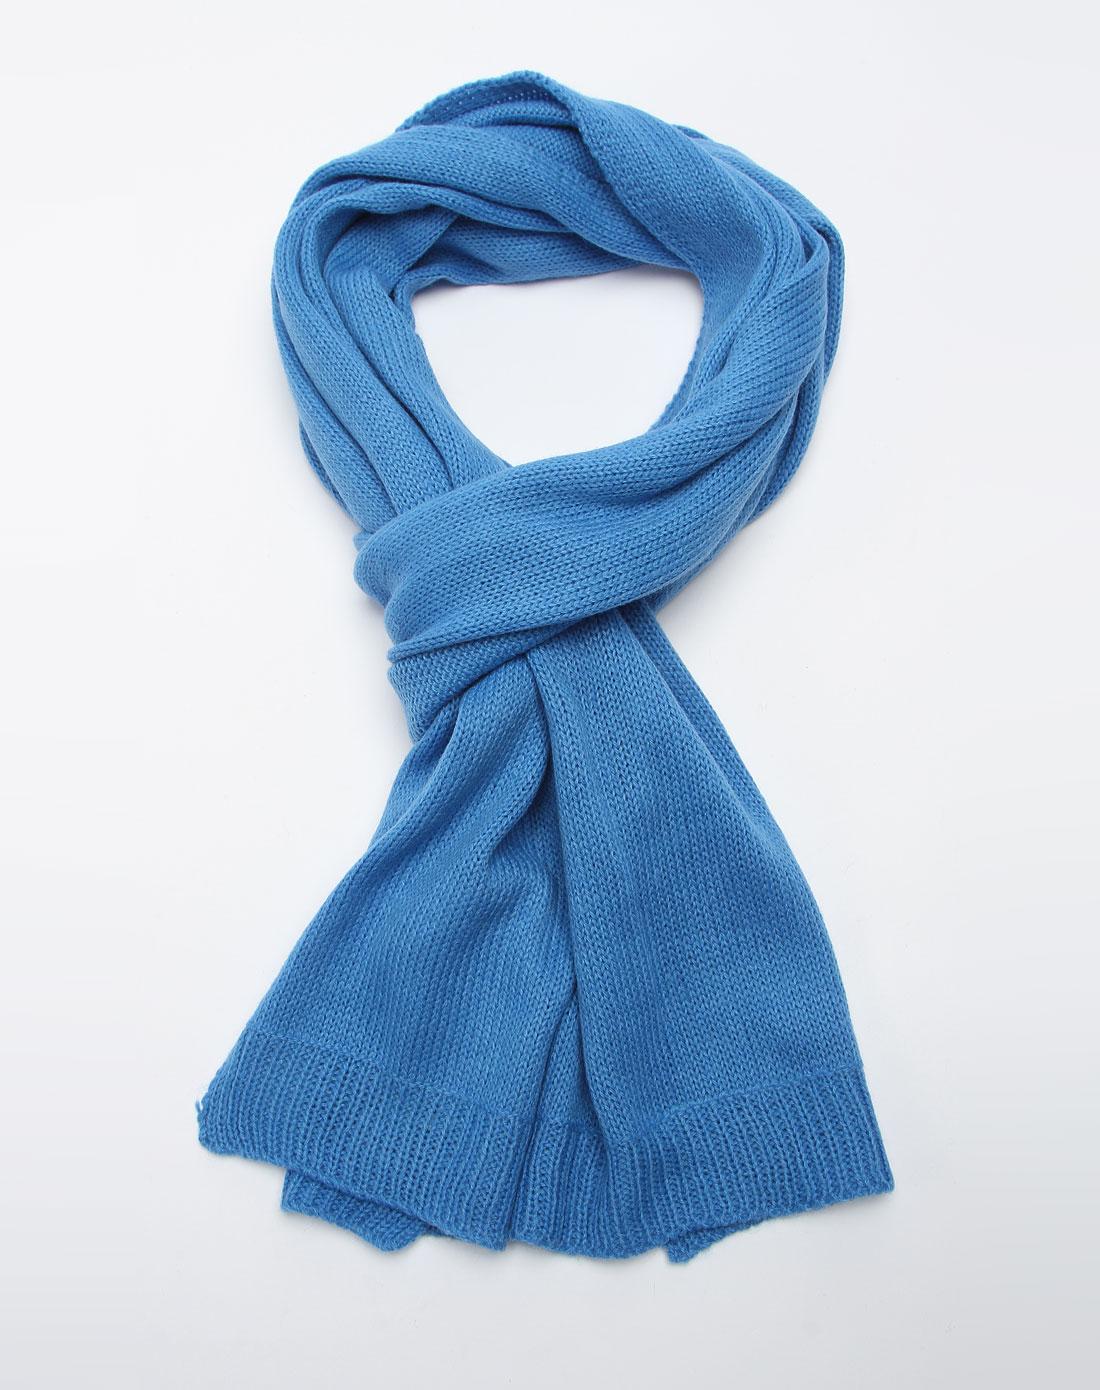 森马男装专场-蓝色休闲围巾图片